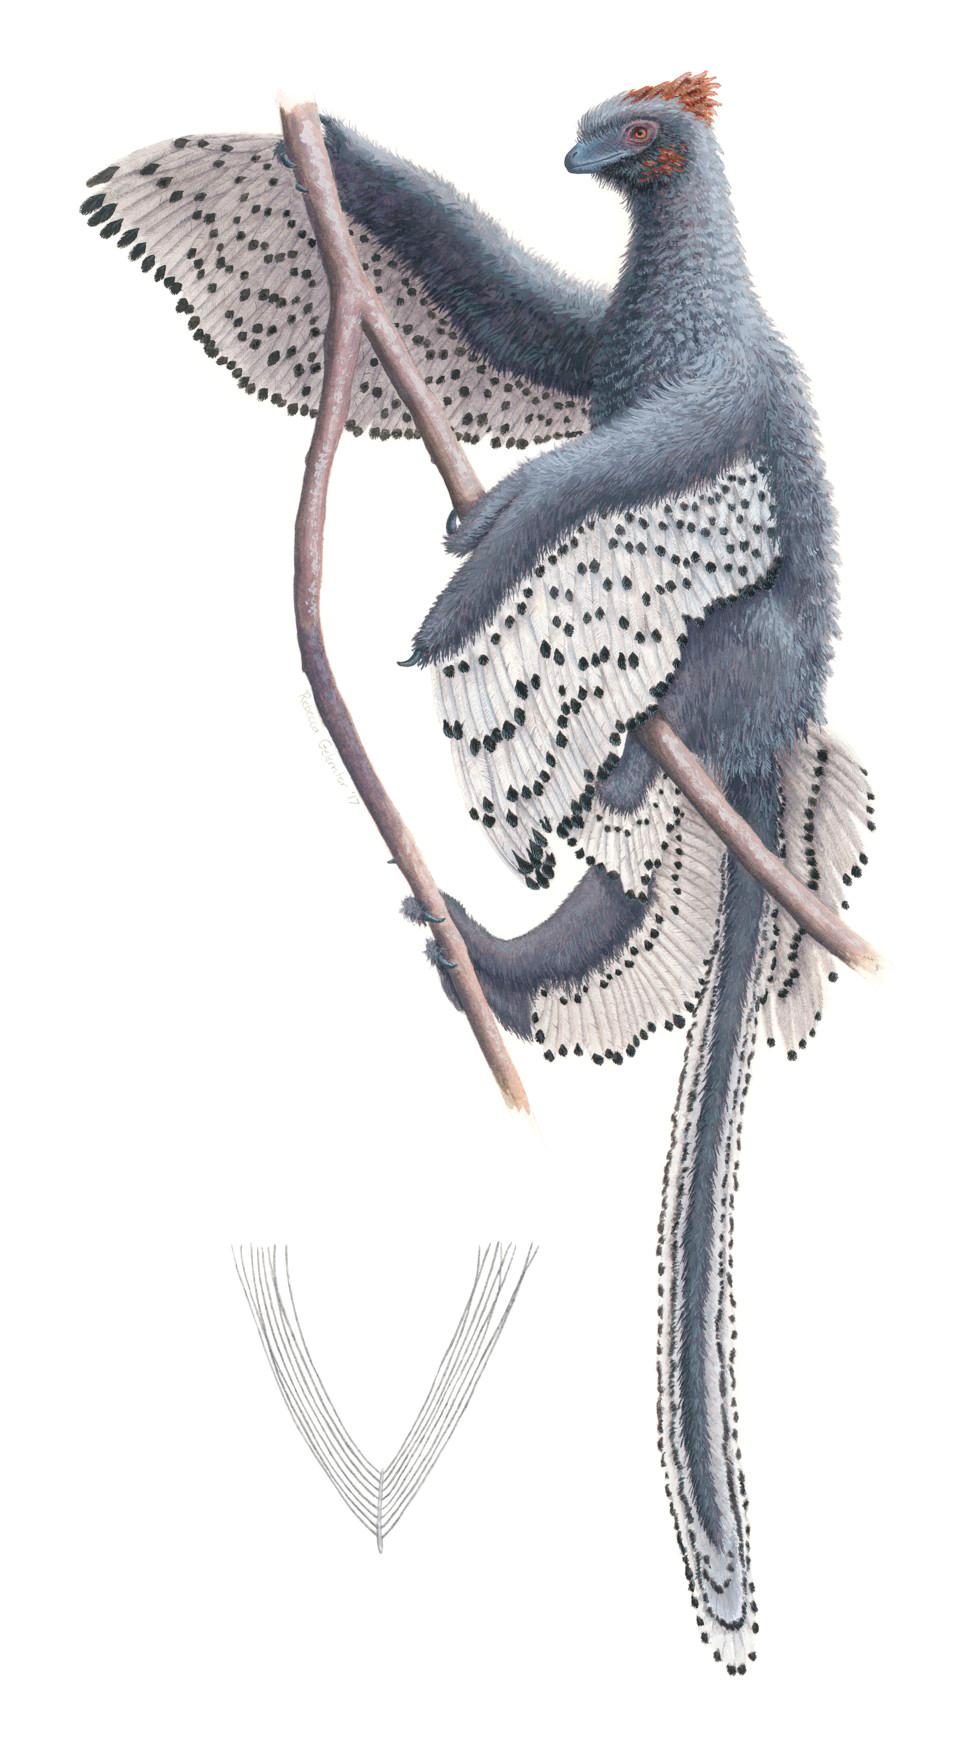 Los dinosaurios con plumas eran casi de peluche